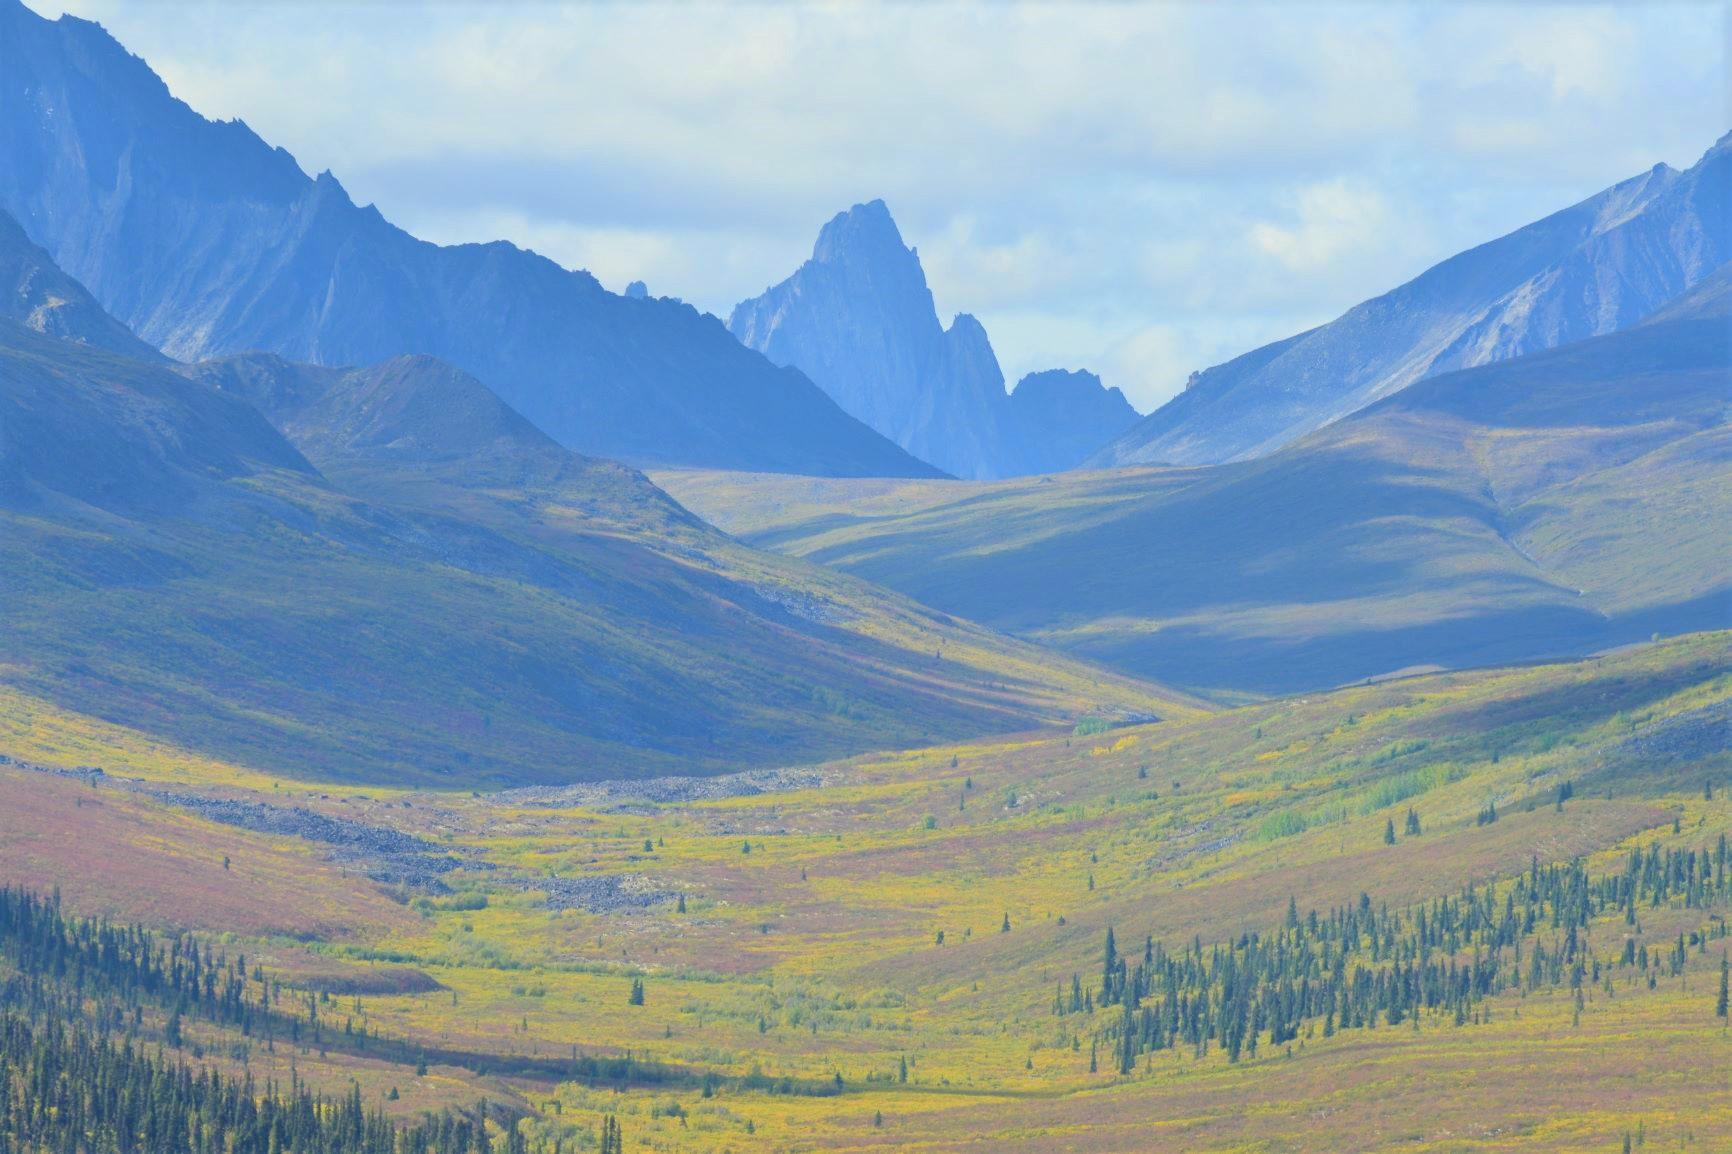 トゥームストーン準州立公園の急峻な山並み